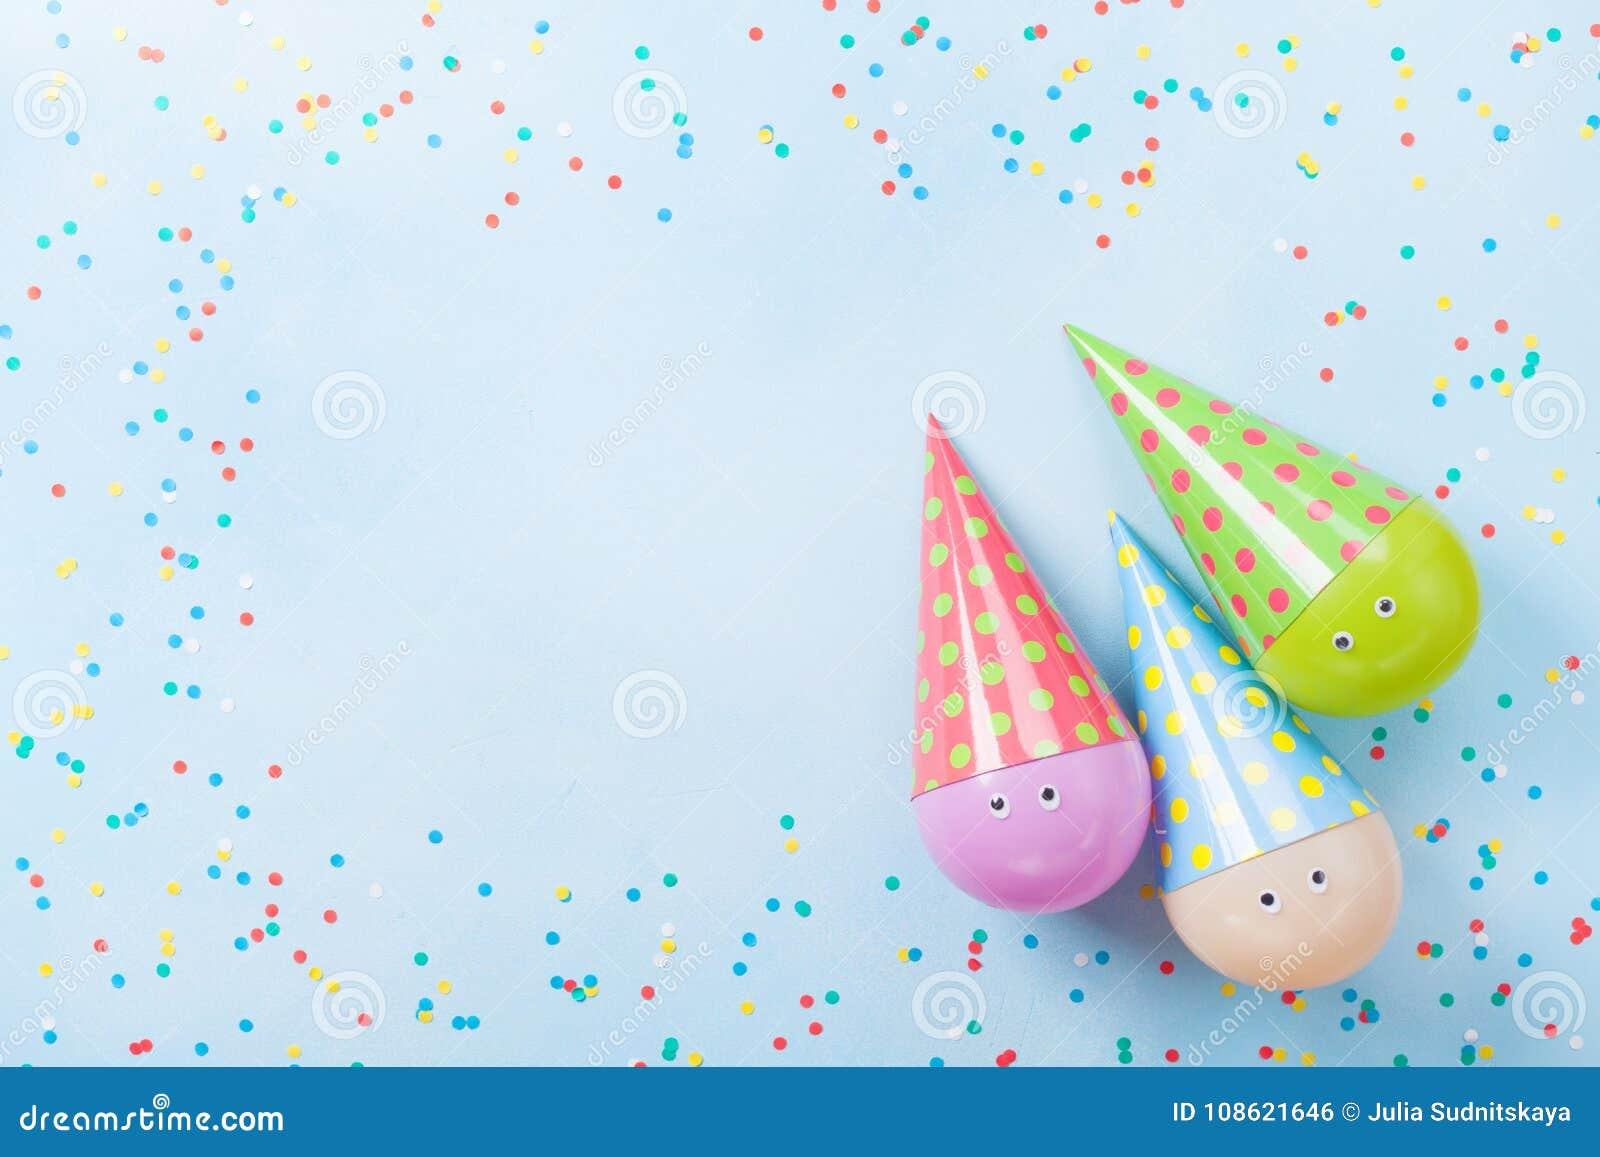 Fondo divertido del cumpleaños o del partido Globos y confeti coloridos en la opinión de sobremesa azul Endecha plana Tarjeta de